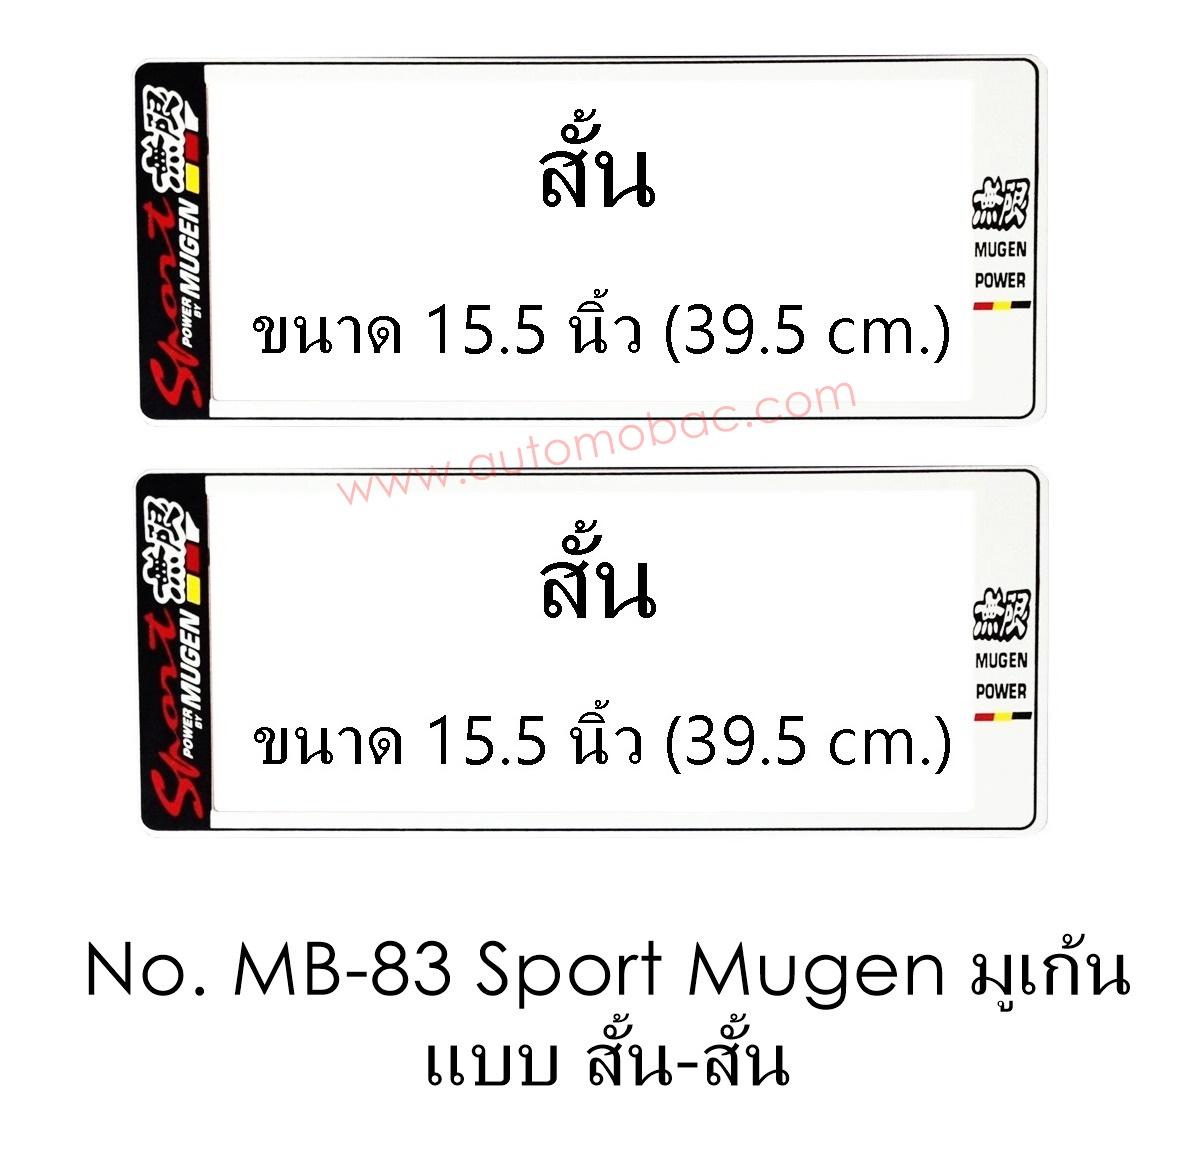 กรอบป้ายทะเบียนรถยนต์ กันน้ำ MB-83 Sport Mugen มูเก้น สั้น-สั้น ไม่มีเส้นกลาง รุ่น A111 มีน็อตอะไหล่